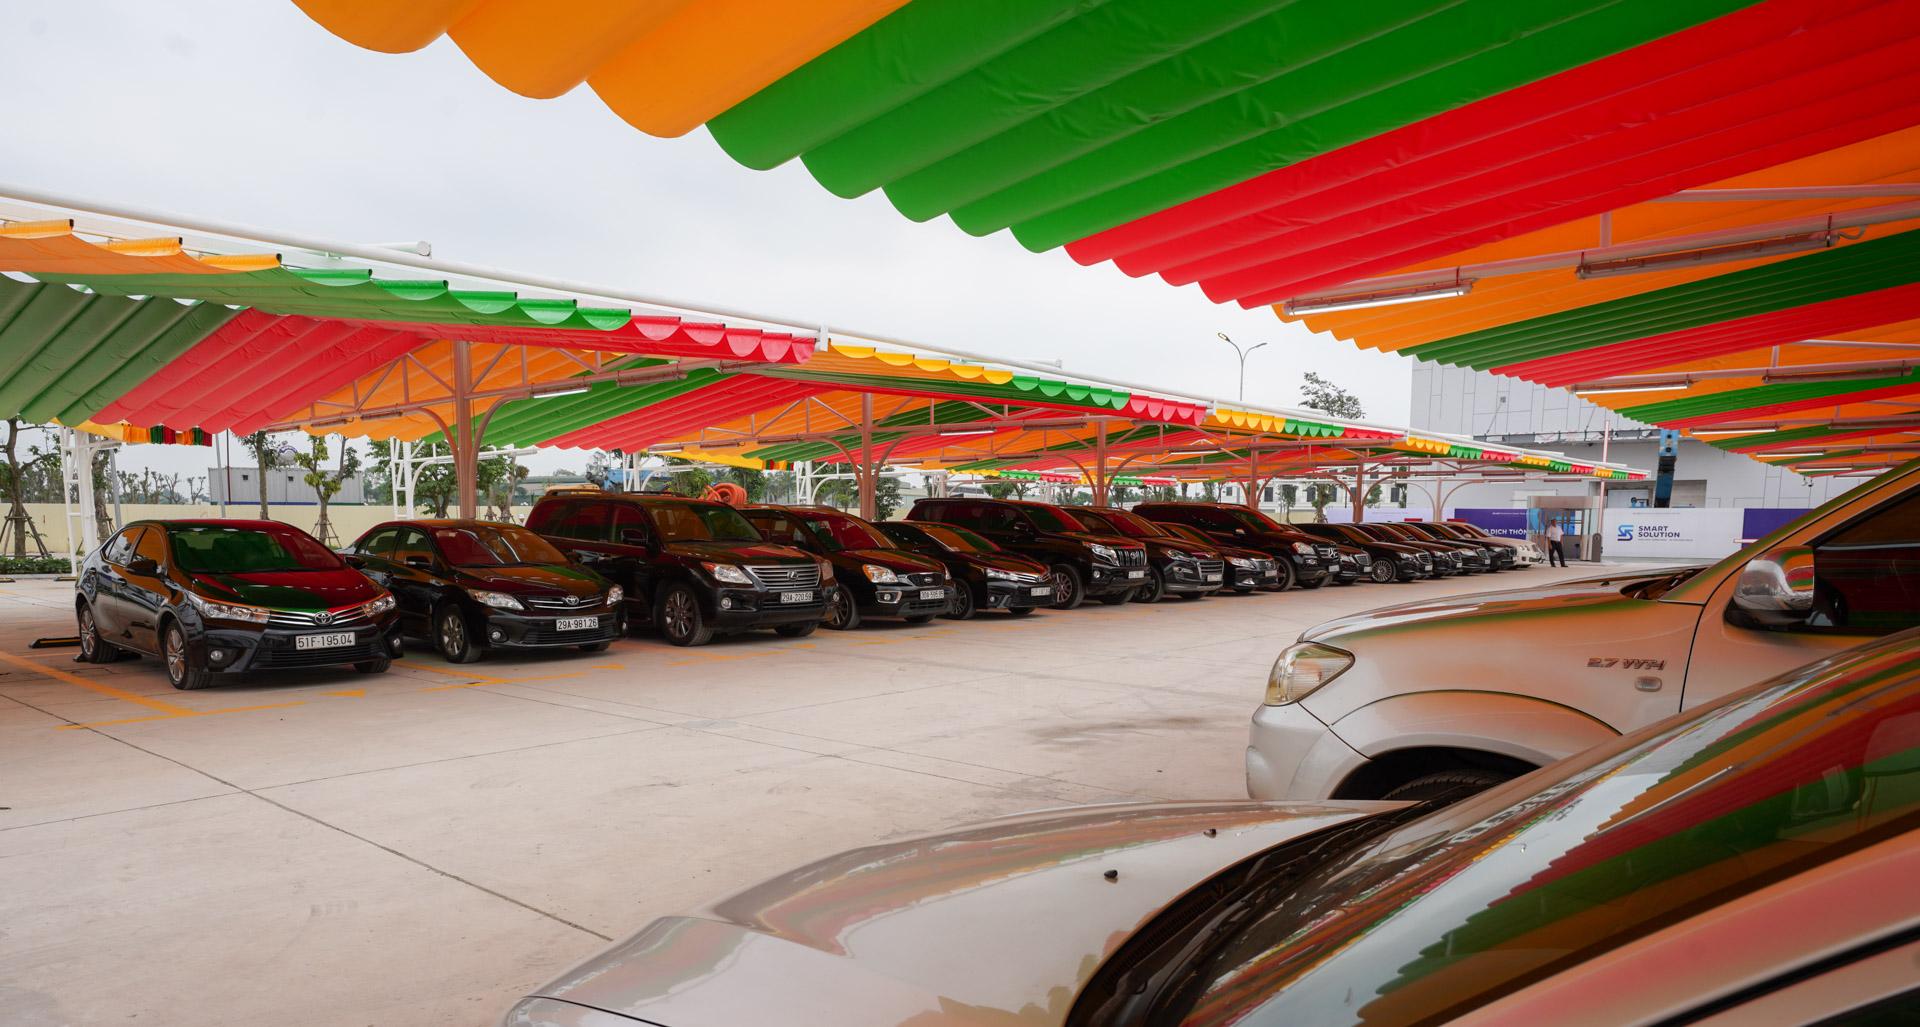 Giới kinh doanh ô tô nhận định gì về chương trình đổi cũ lấy mới của VinFast? - Ảnh 1.